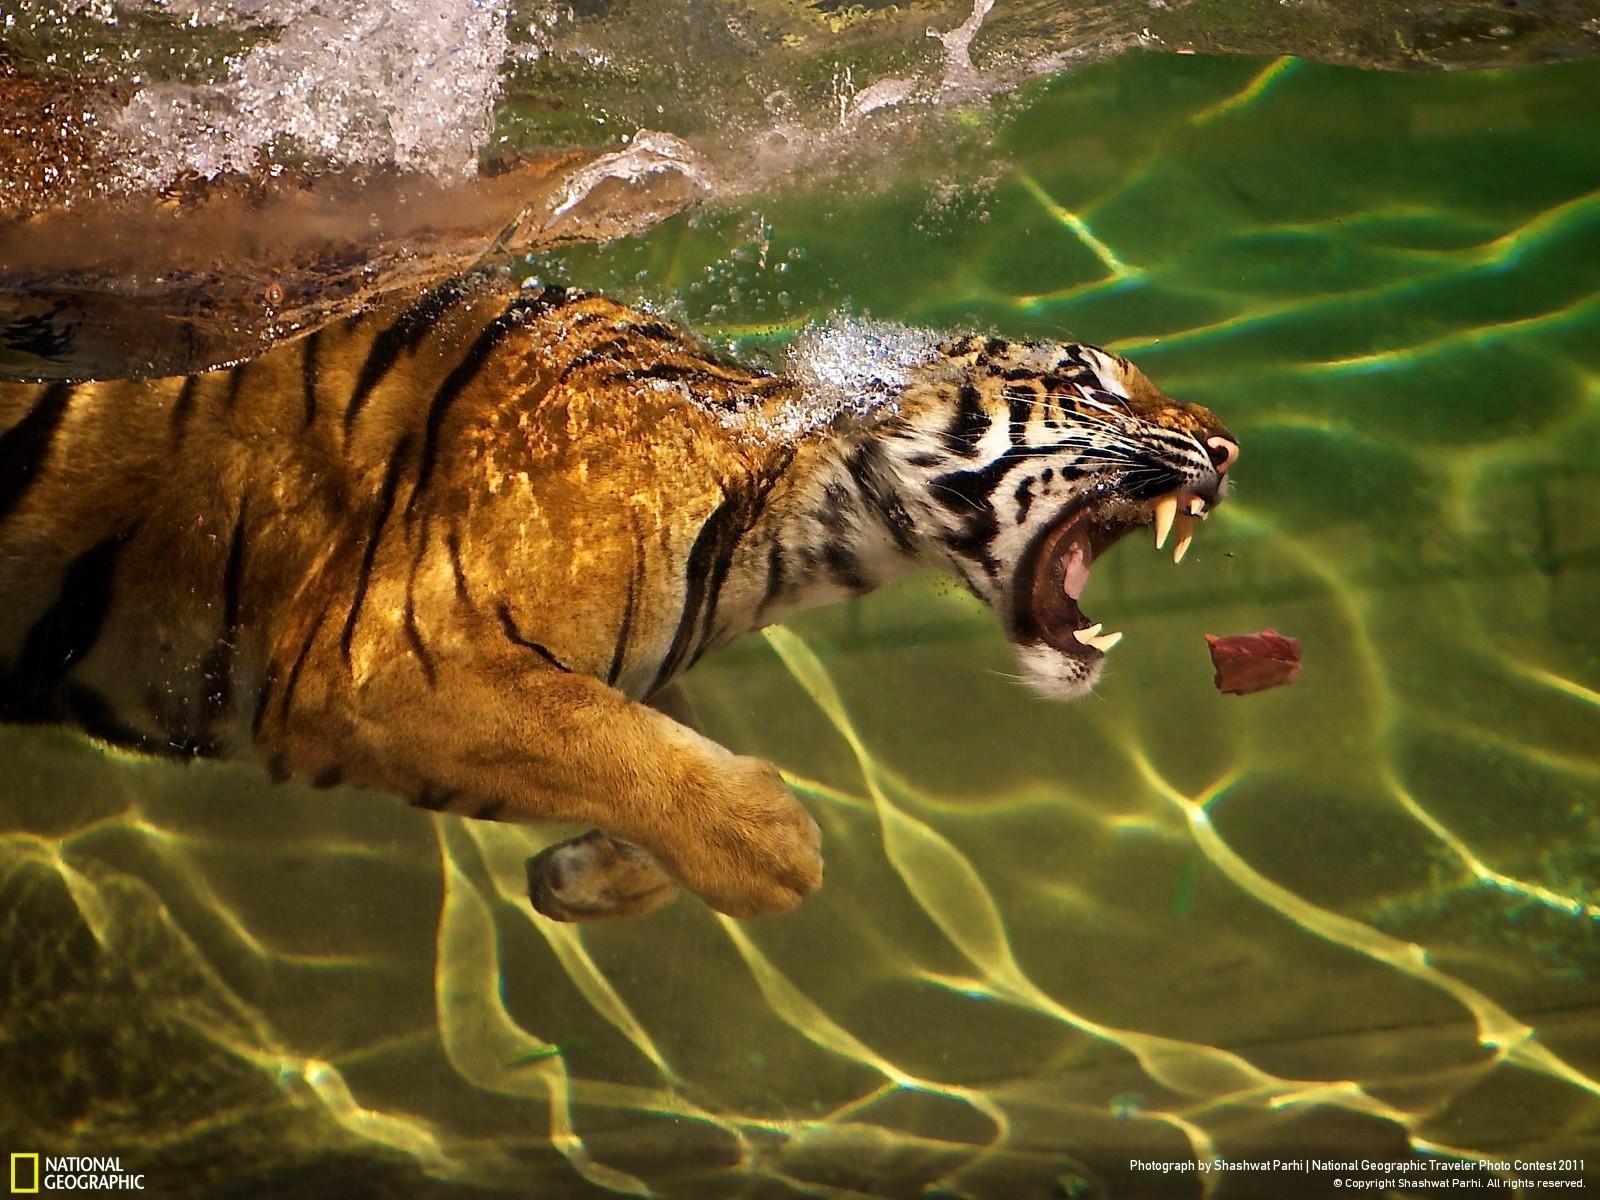 tiger_swimming_1600x1200